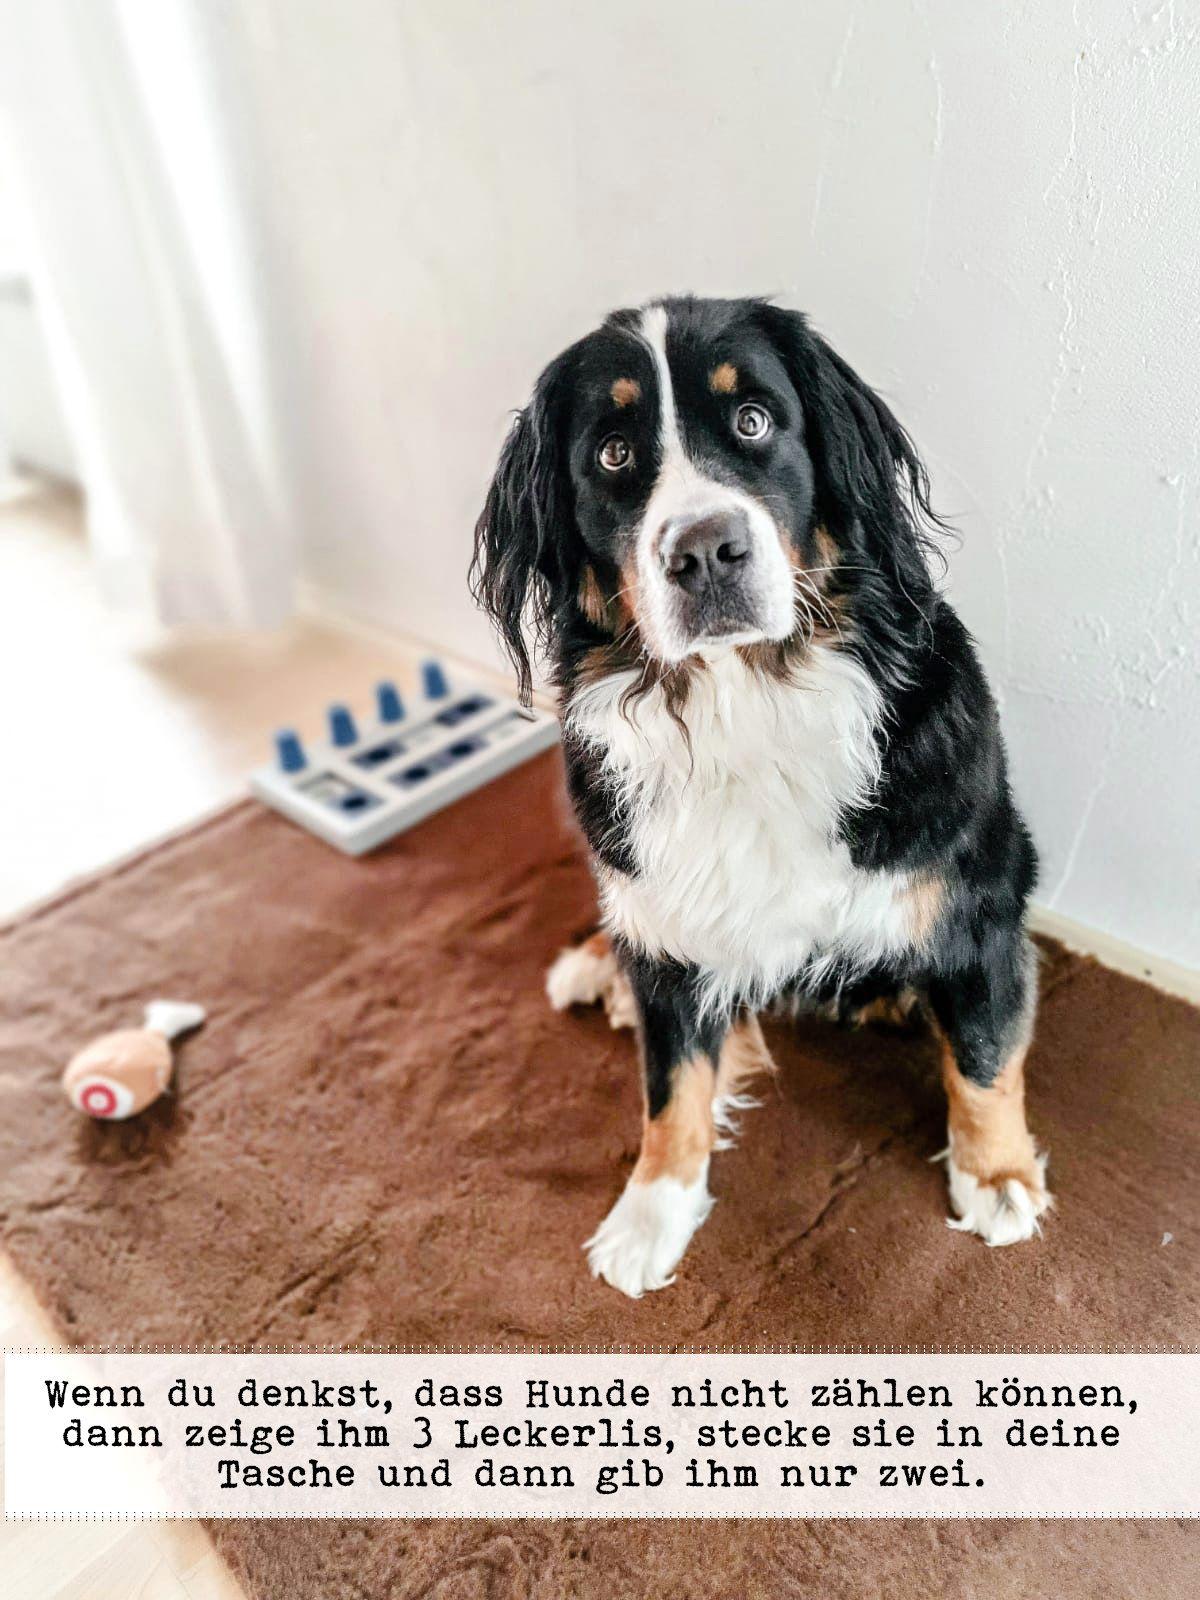 Sunny Von Bayern In 2020 Berner Sennenhund Fotografie Sennenhund